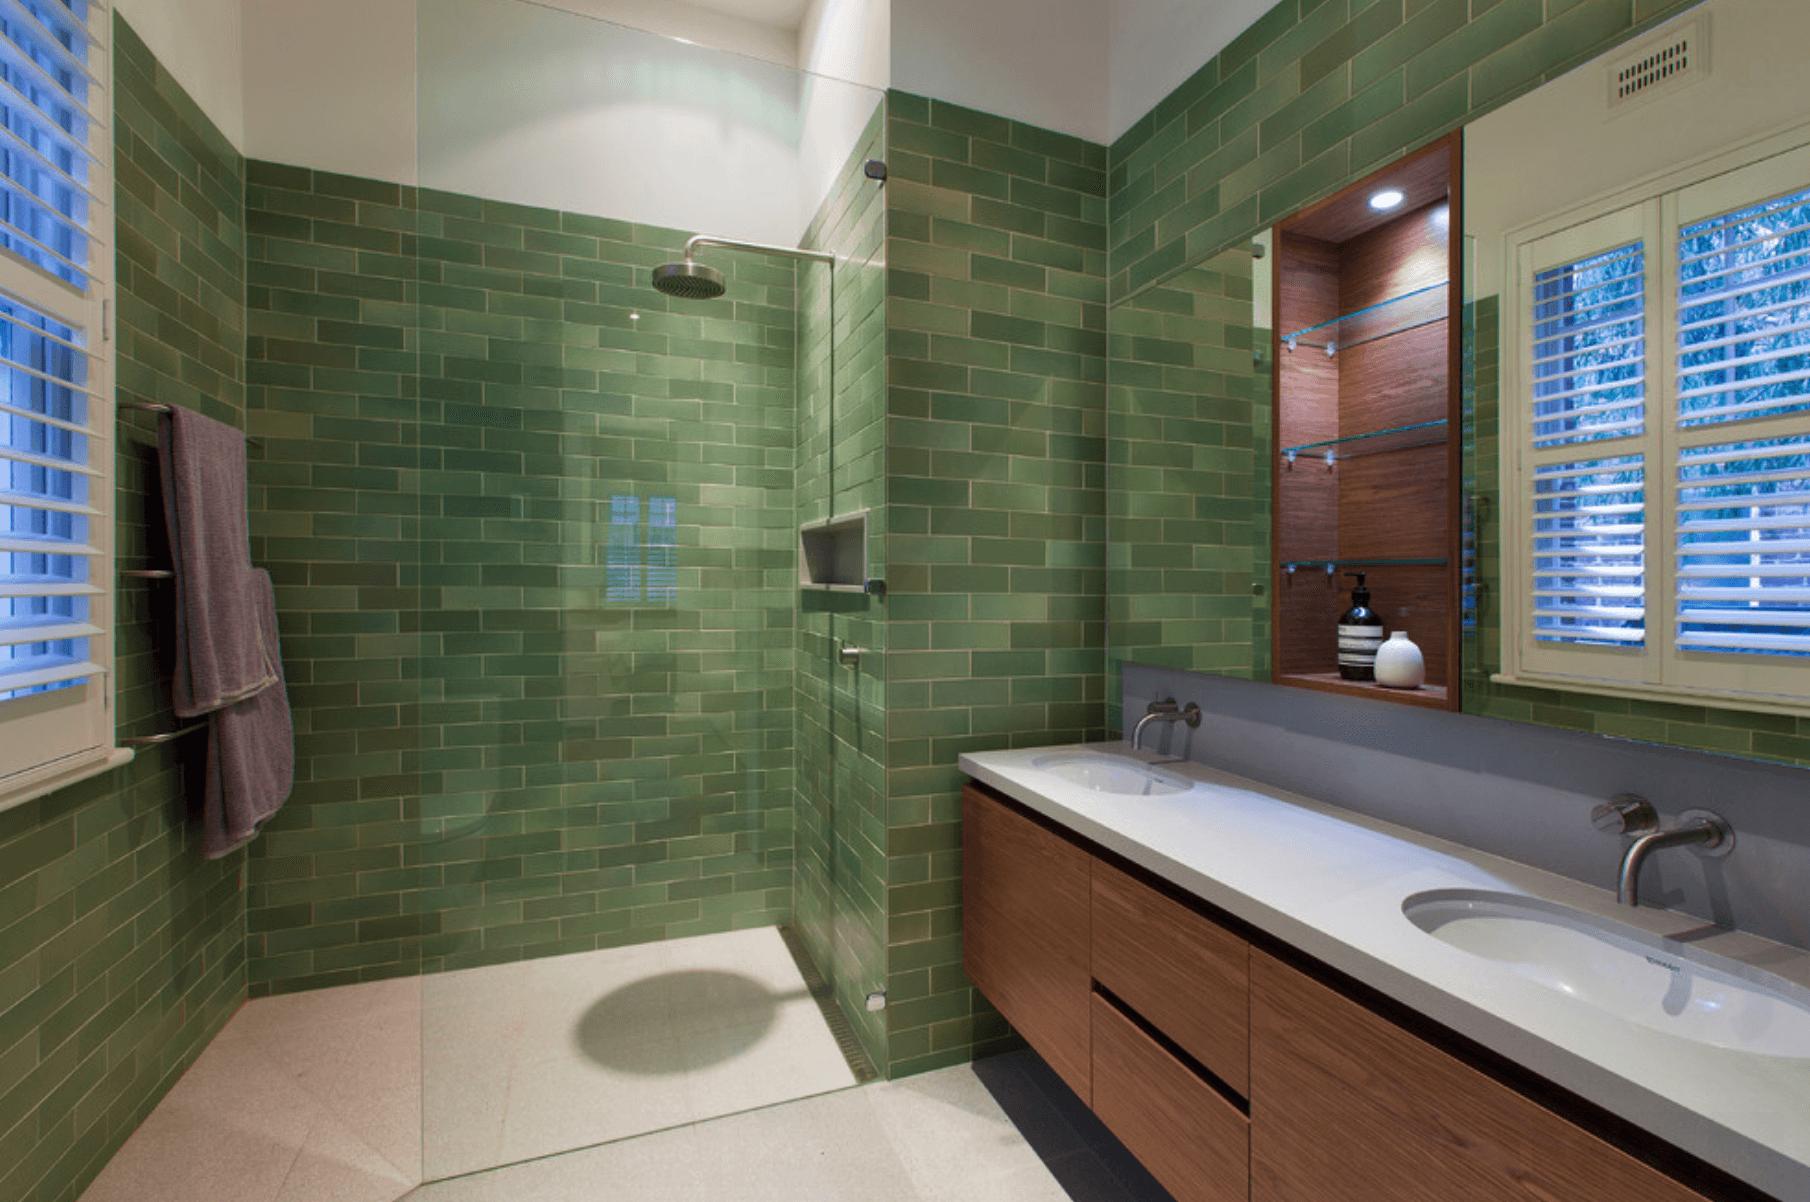 #30659B banheiros com pastilhas verdes.png 1810x1202 px Banheiro Verde Com Pastilhas 1635